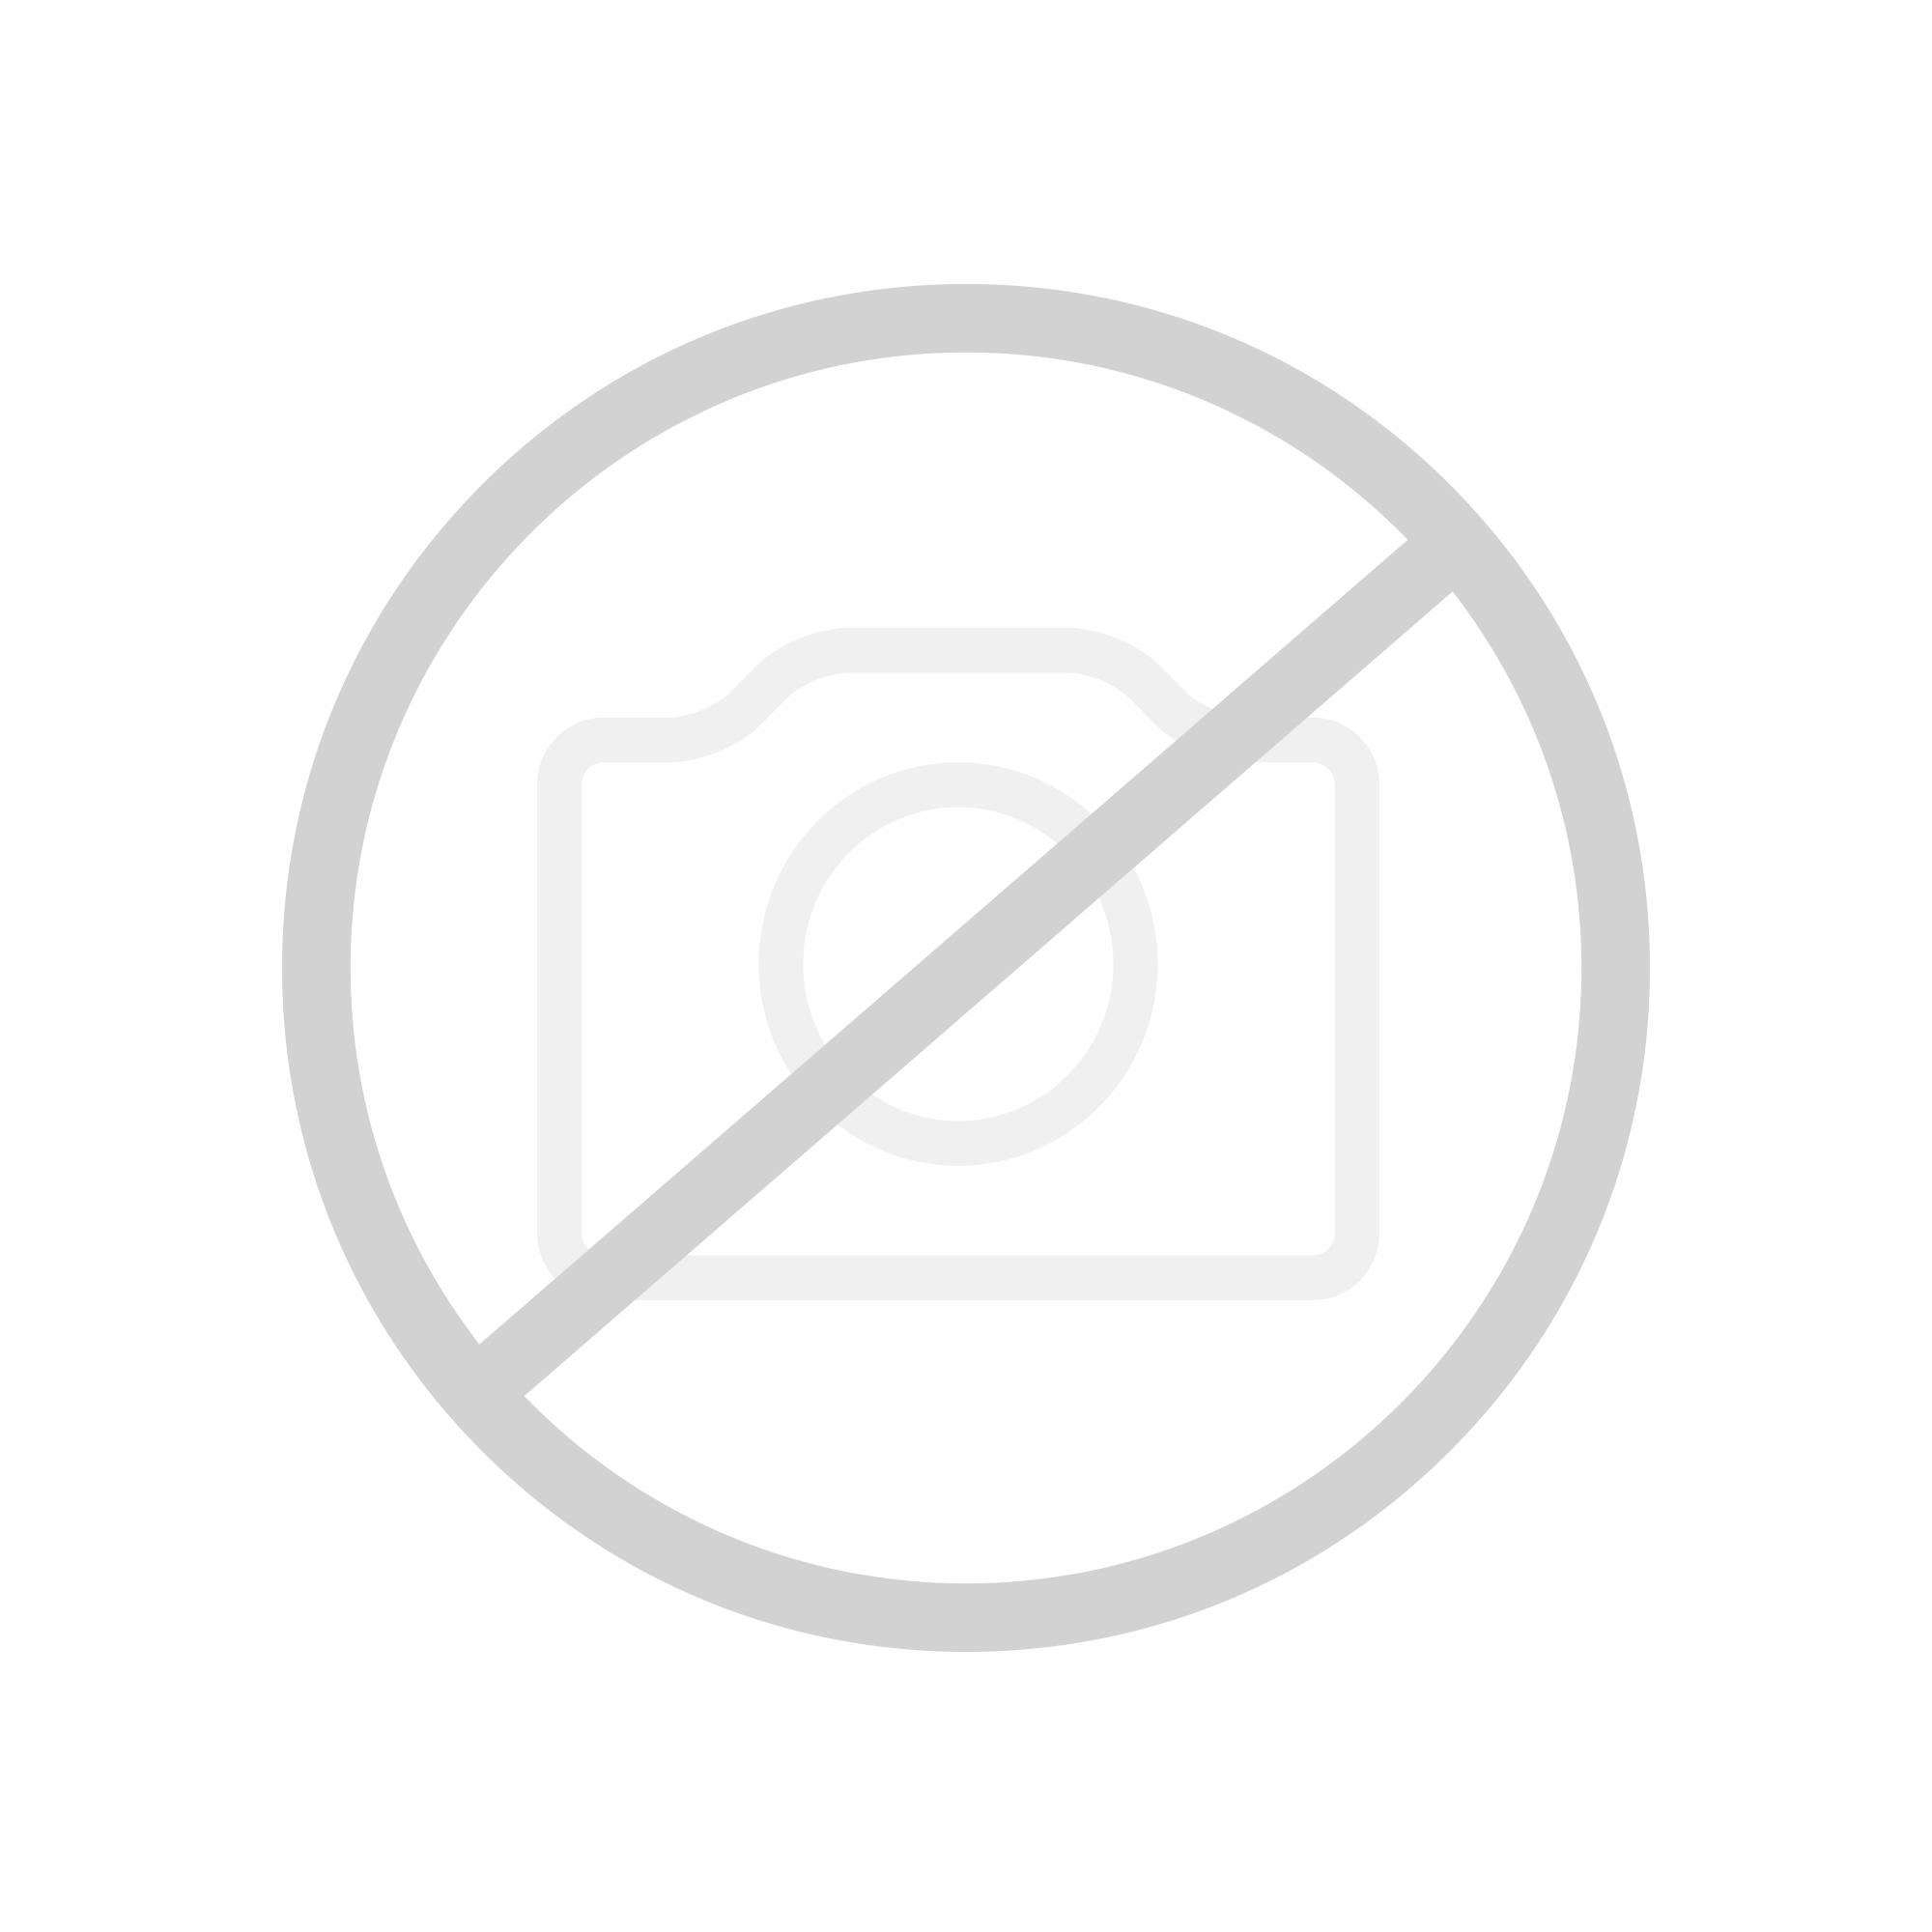 Victoria + Albert Kit 22 Geruchsverschluss chrom